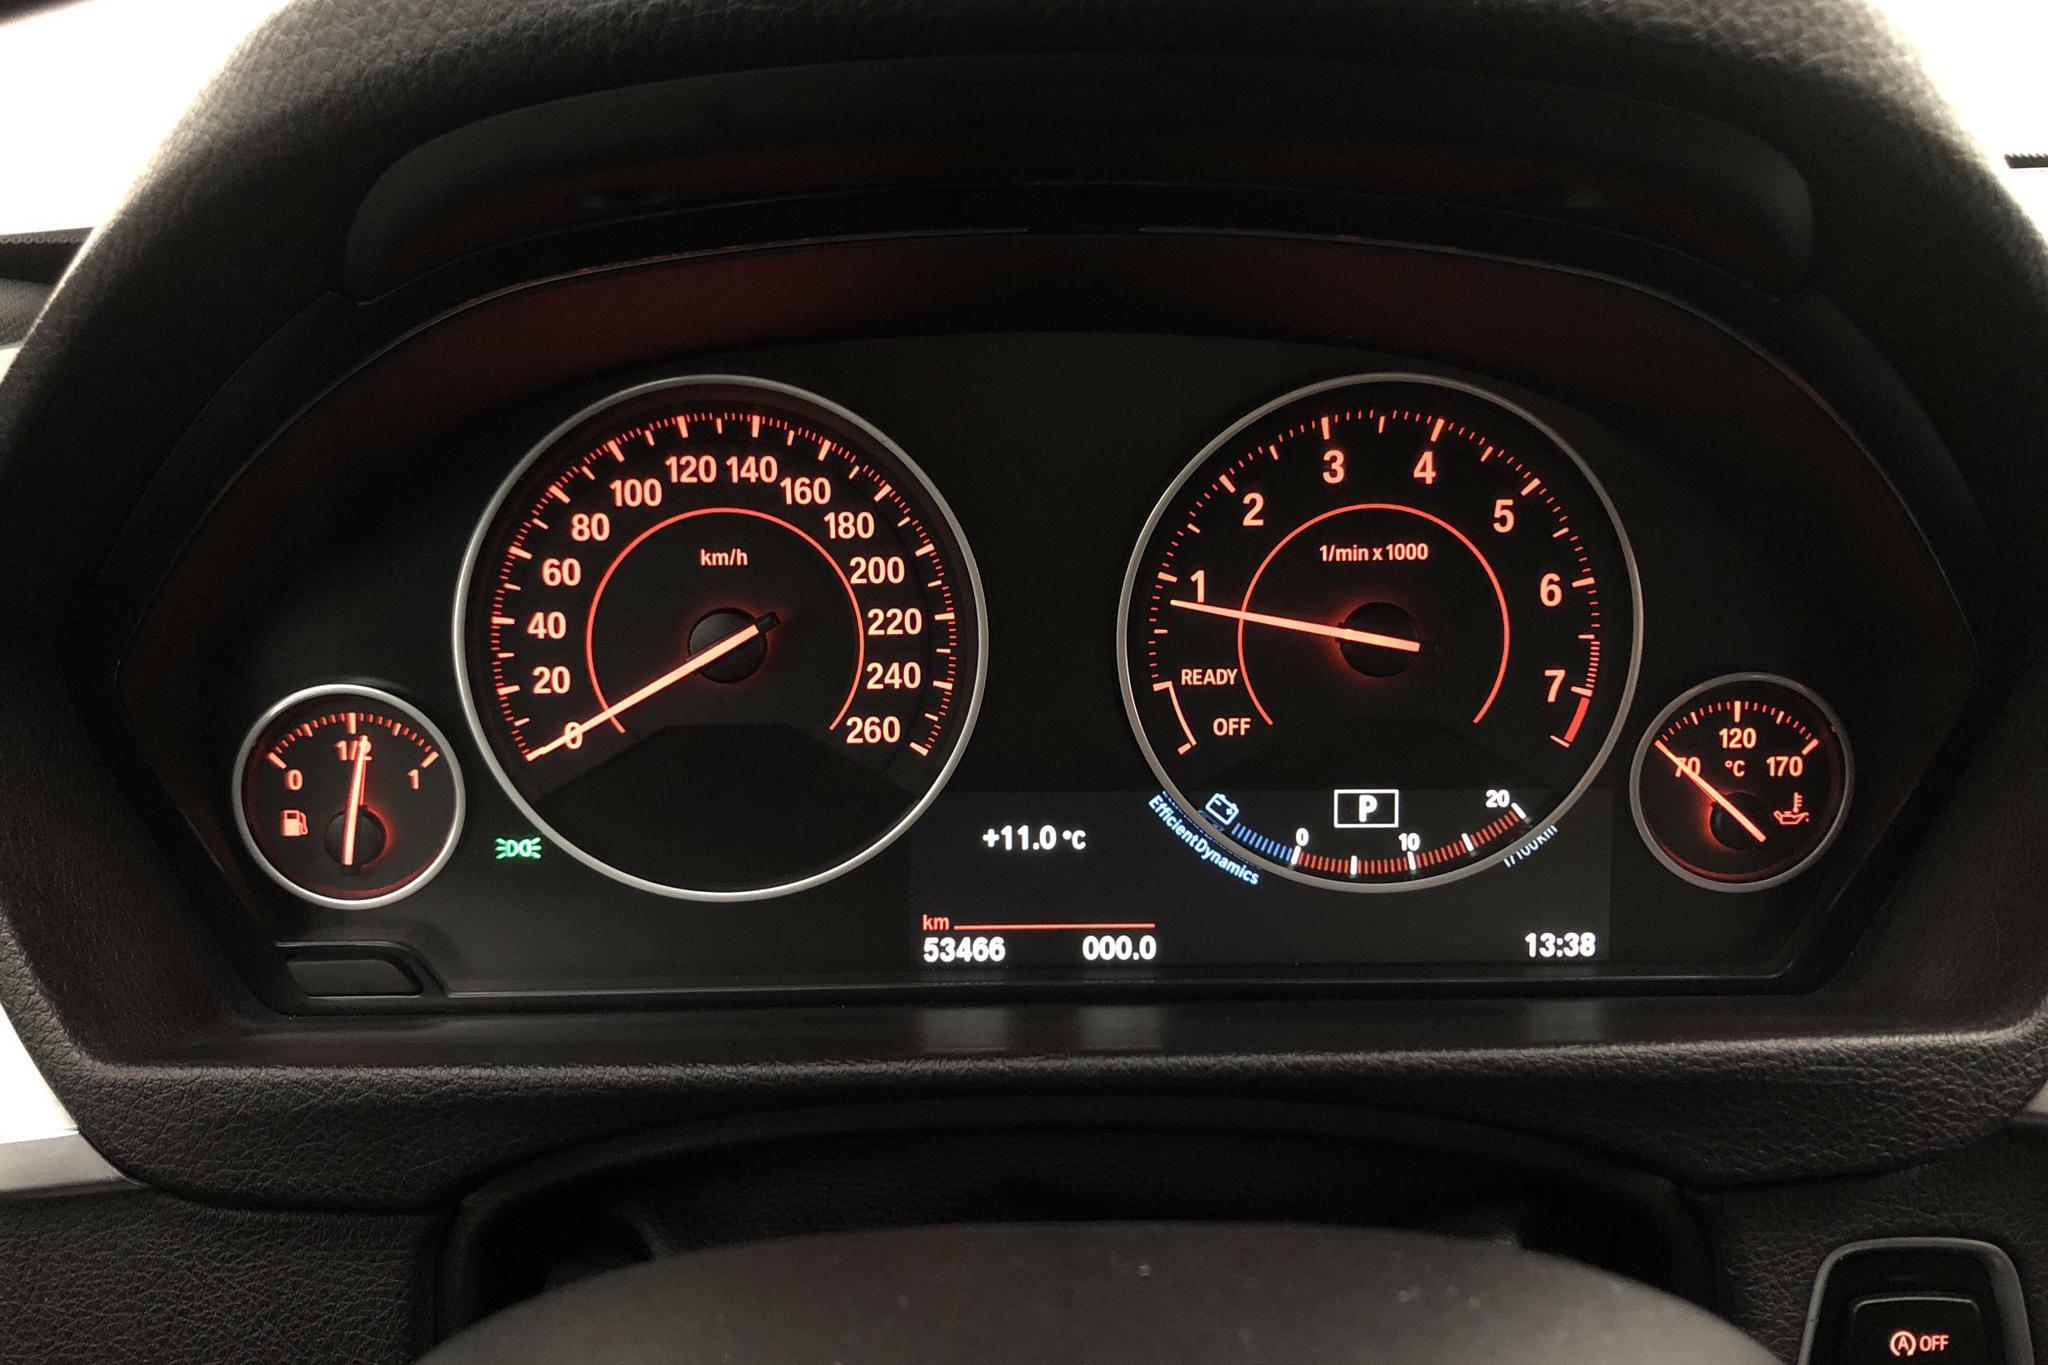 BMW 428i xDrive Gran Coupé, F36 (245hk) - 53 460 km - Automatic - gray - 2016